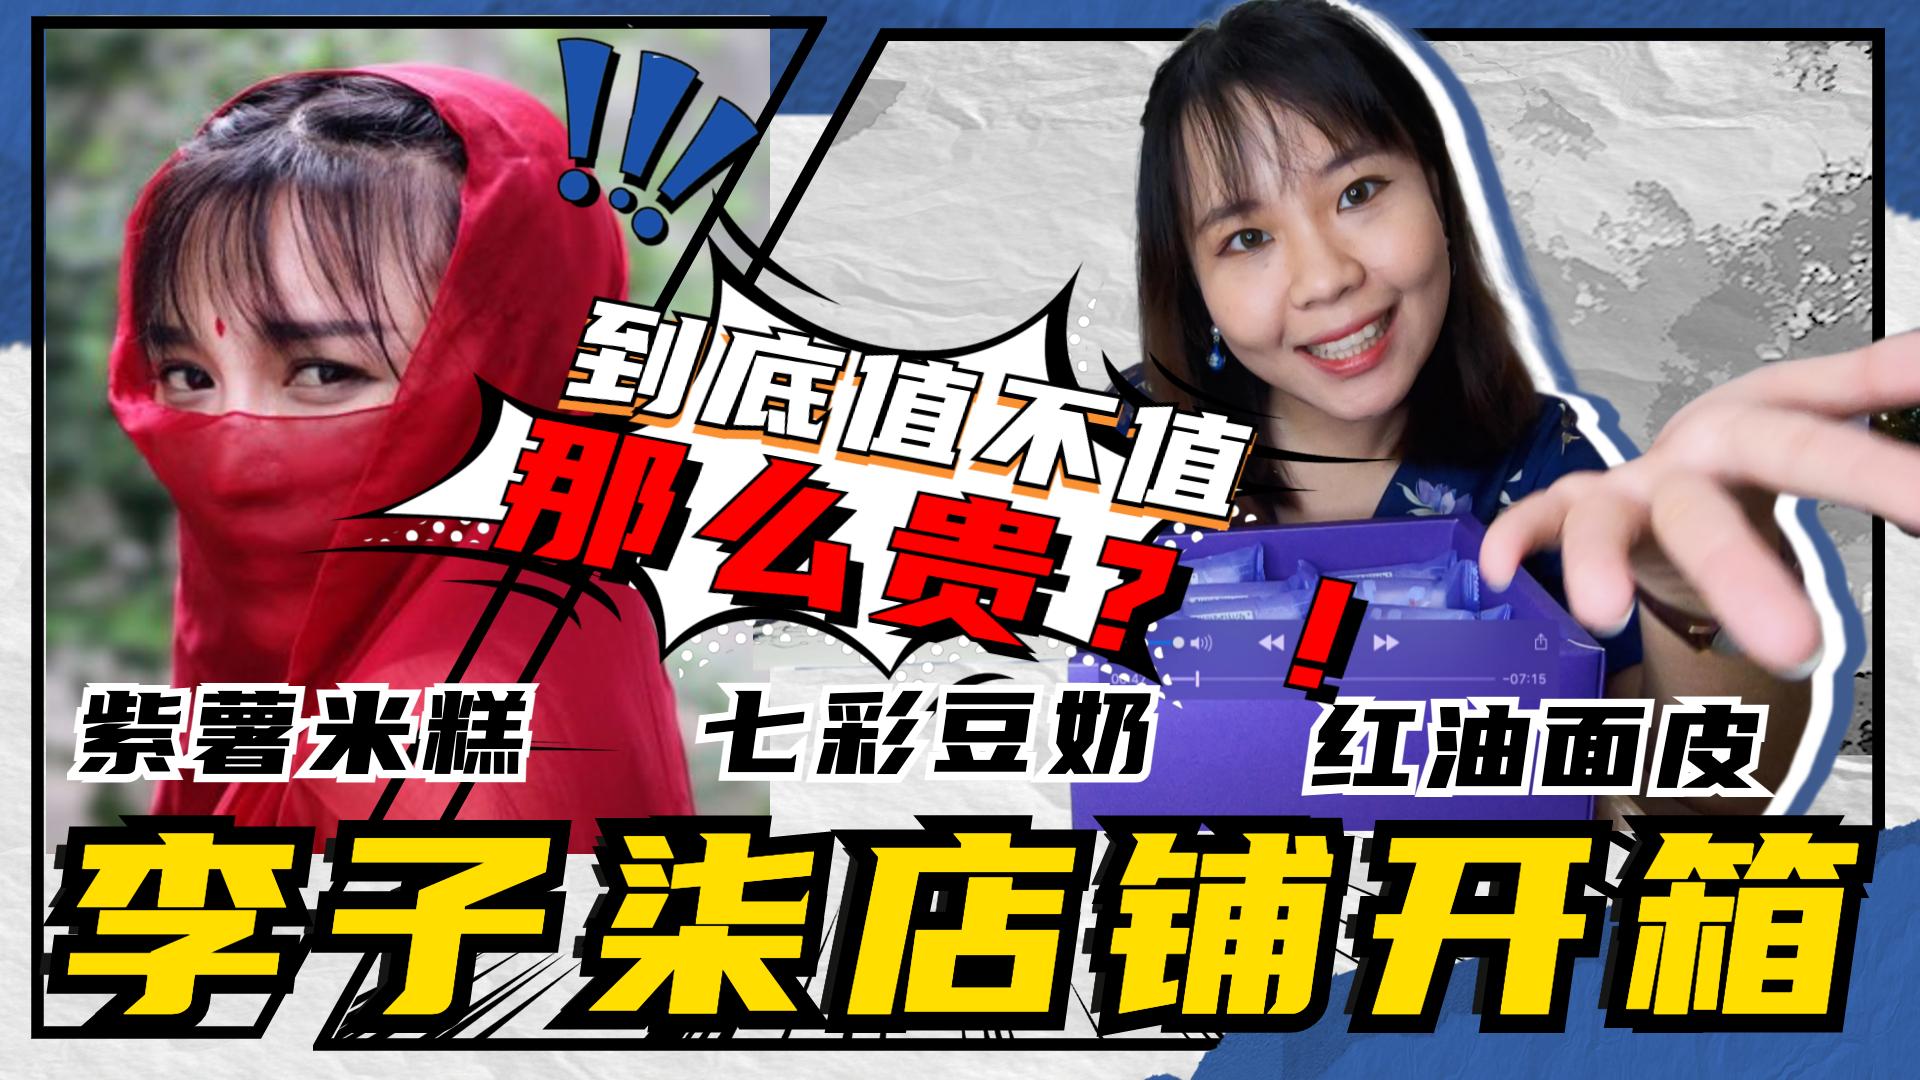 You are currently viewing 中国网红李子柒开箱测评 2021 :我买了紫薯米糕、红油面皮、7彩豆奶!虽然包装精美、味道好价位有点高啊!